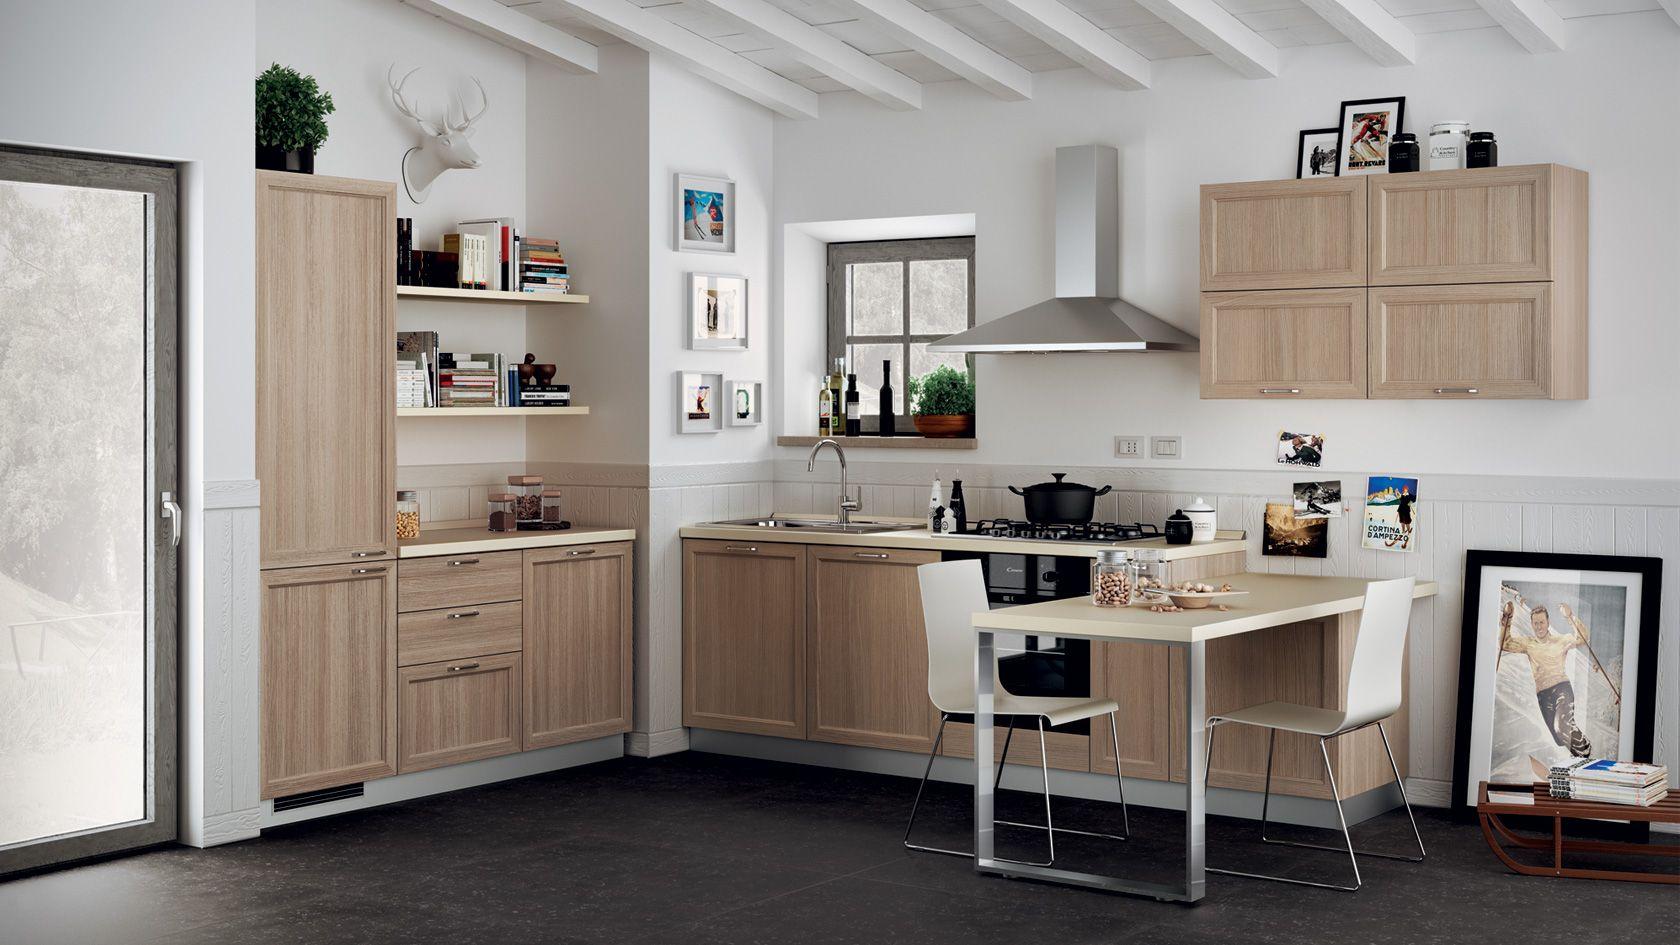 Cucina Highland | Sito ufficiale Scavolini | Cucine | Pinterest ...